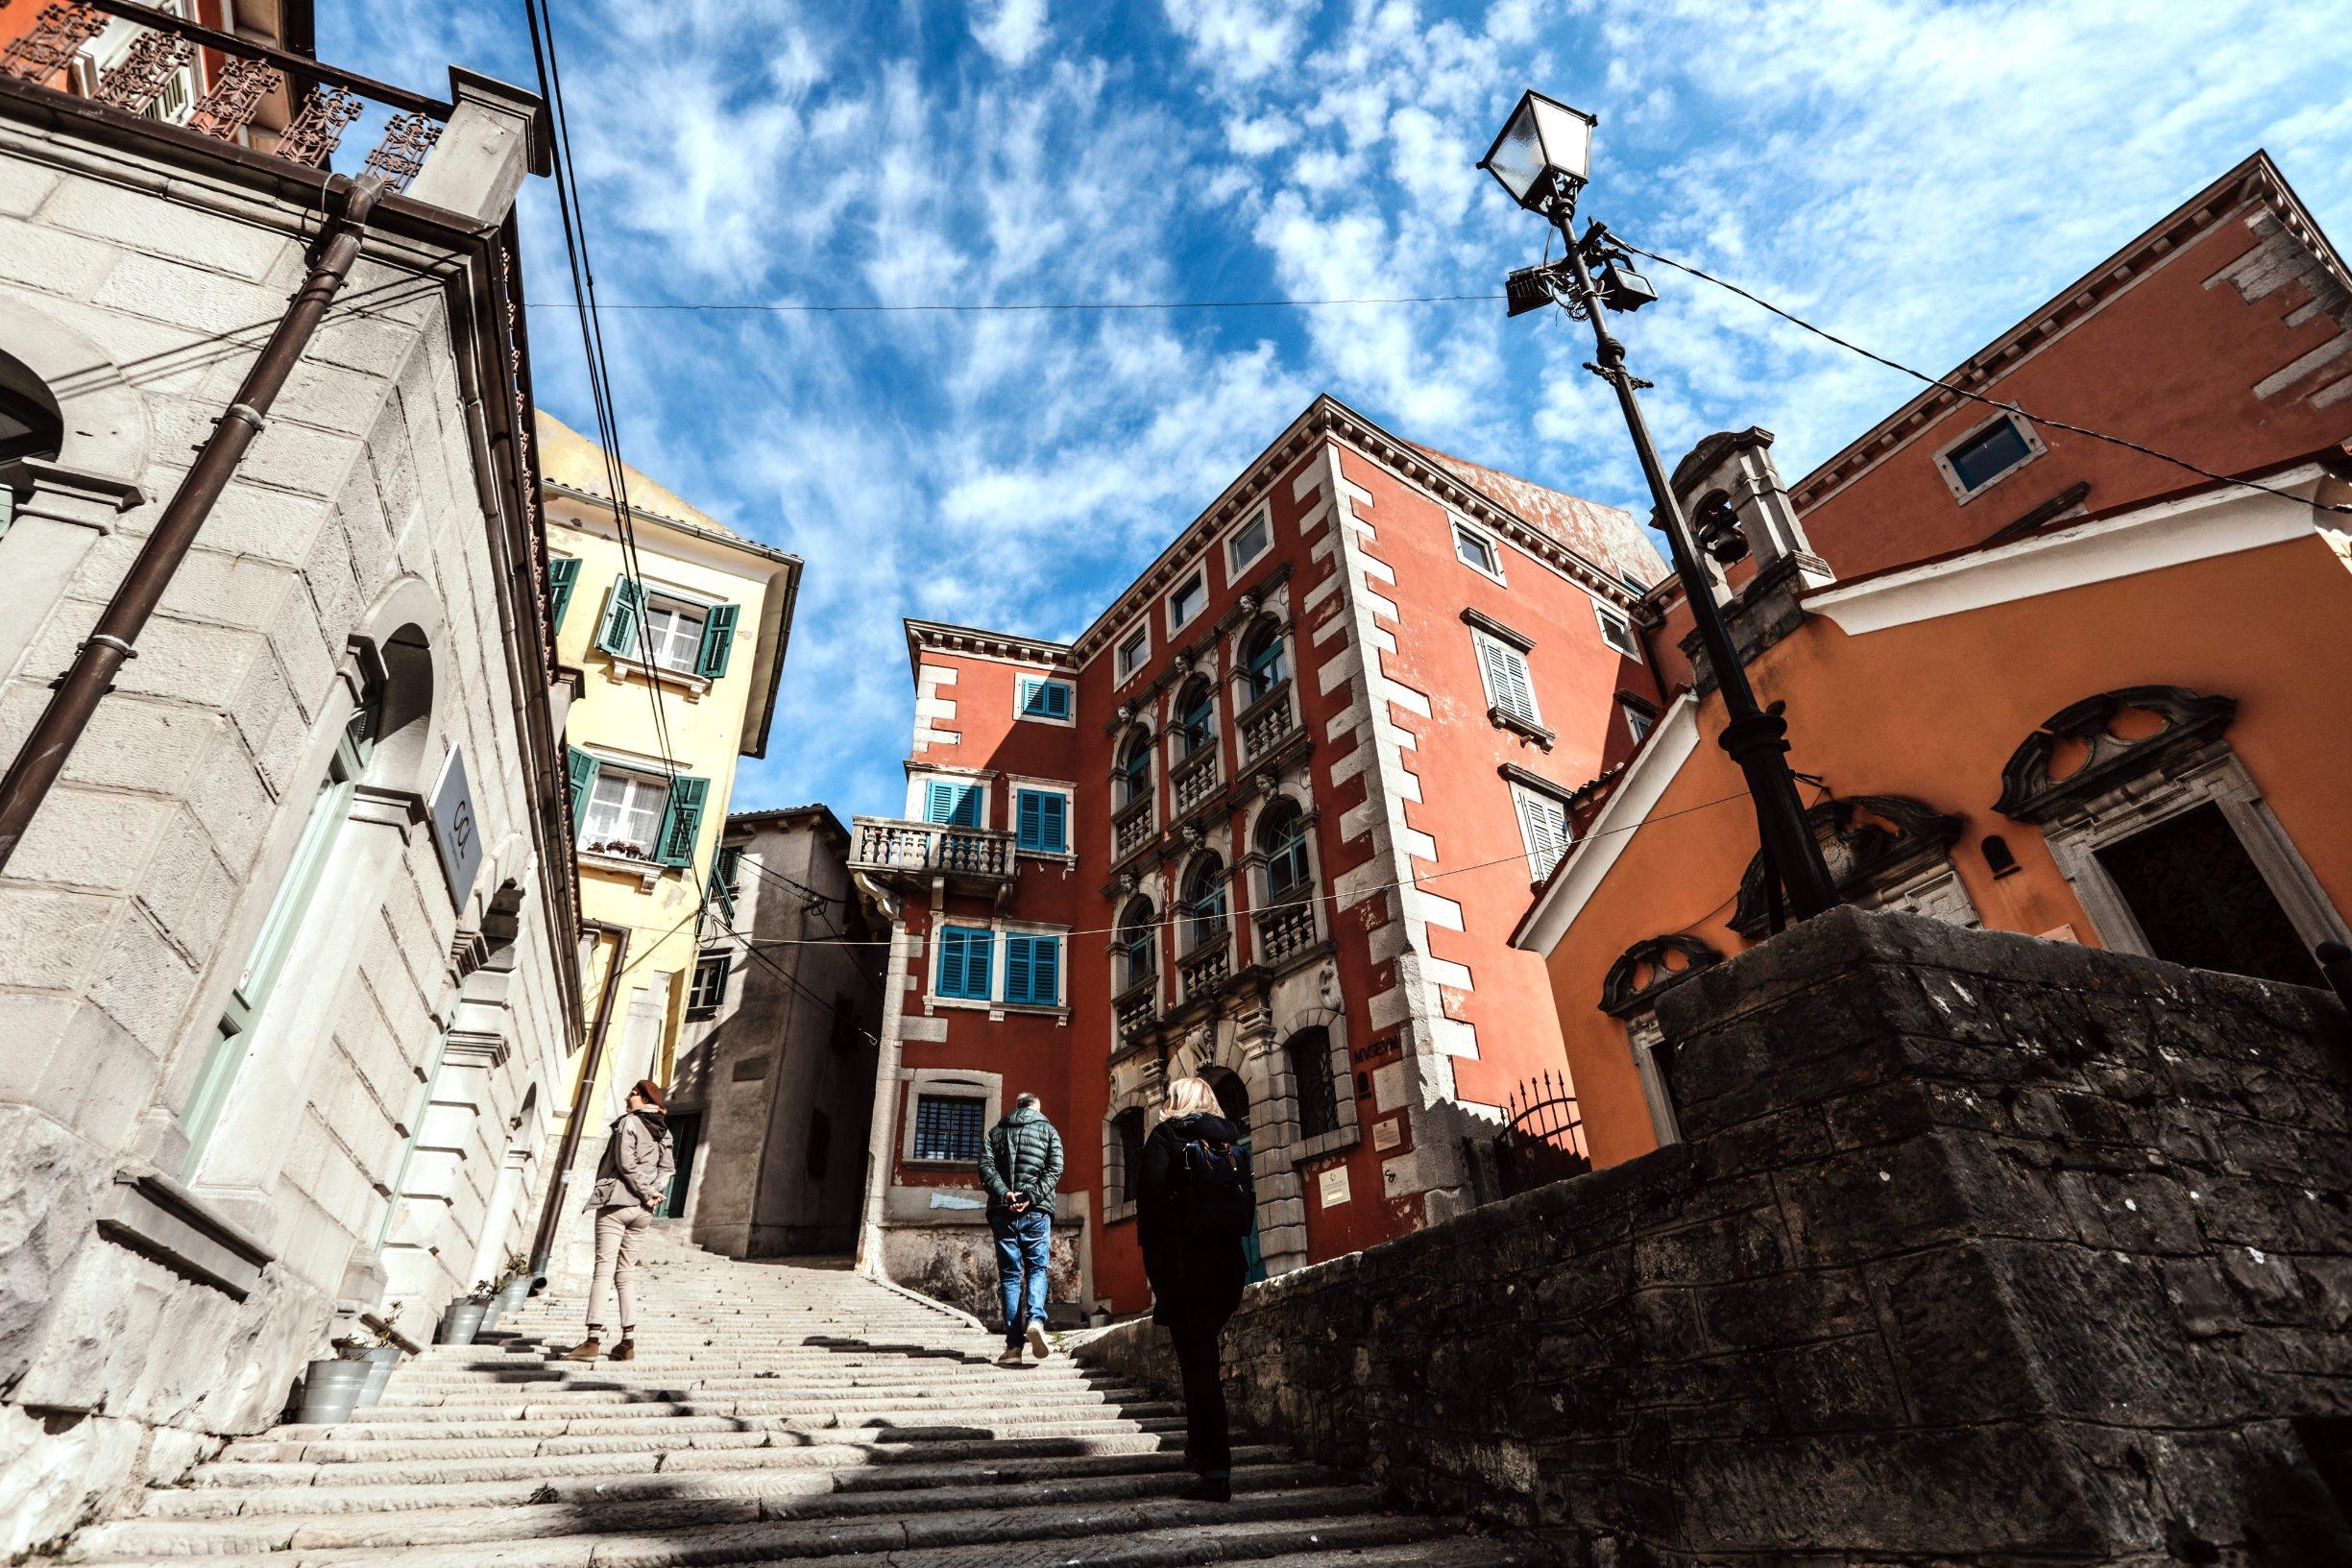 Labin, 250220 Reportaza o gradu Labinu u ciklusu I to je Hrvatska.  Na fotografiji labinski Stari grad. Foto: Danijel Soldo / CROPIX